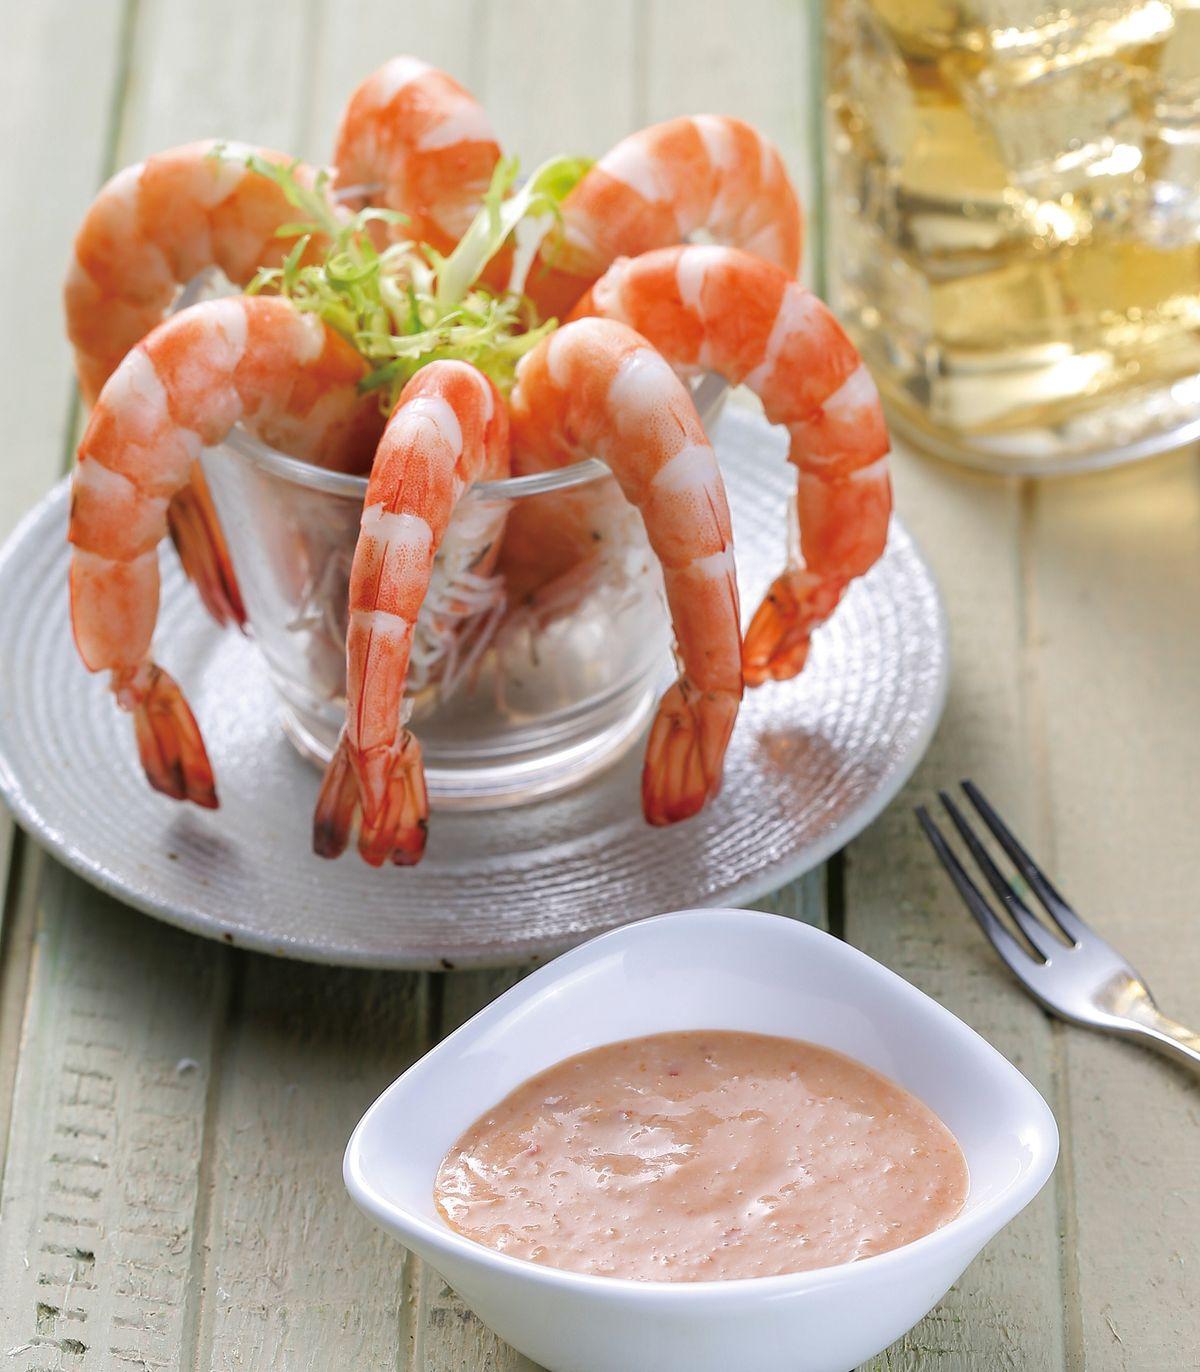 食譜:水煮鮮蝦